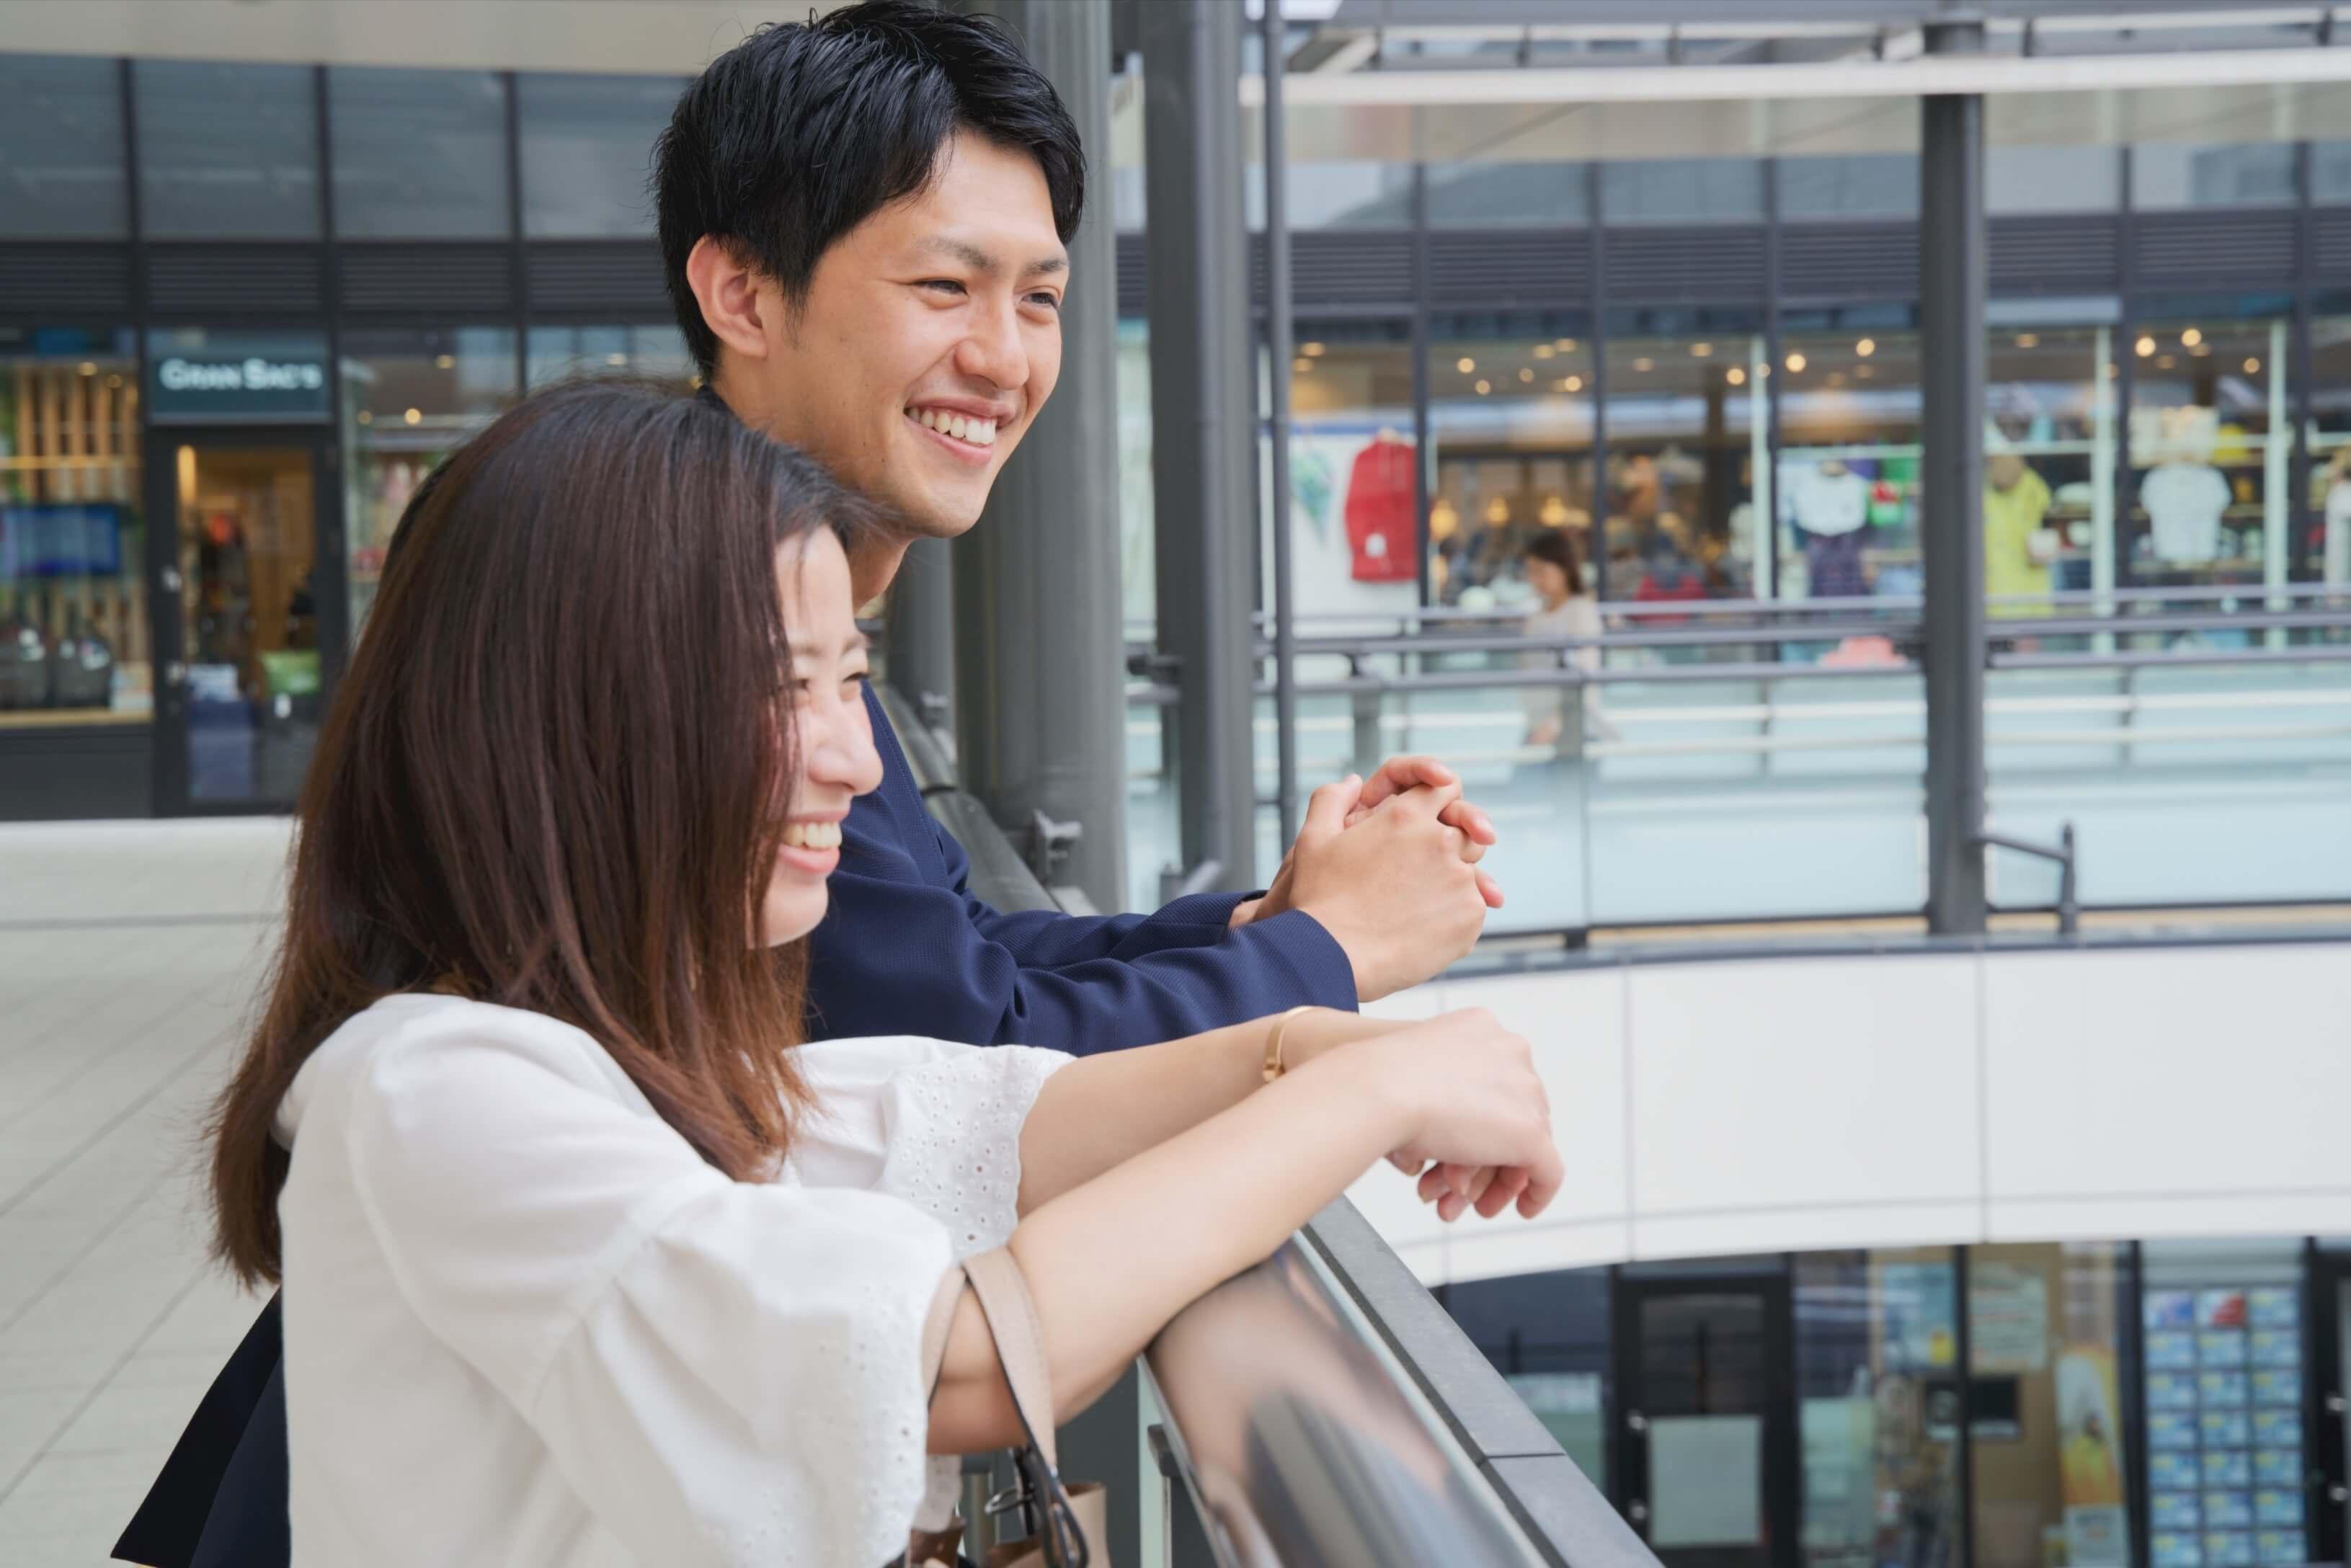 取材に協力いただいたKazuyaさんSakiさんご夫妻